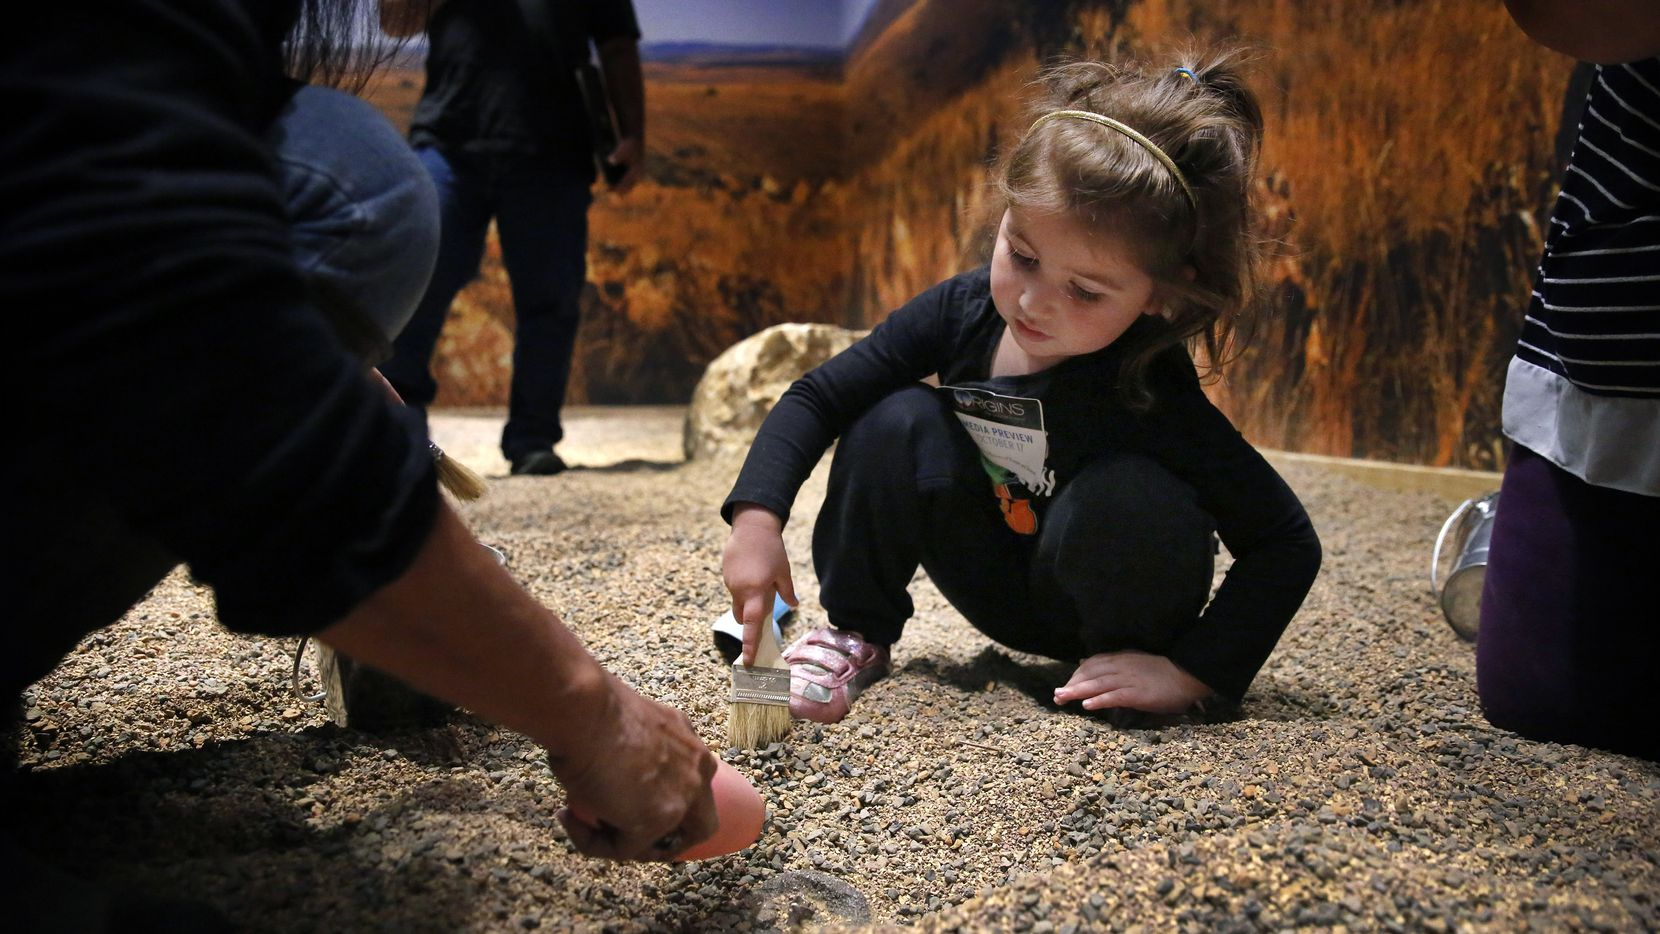 El museo de ciencias Perot siempre ha tenido actividades para los niños en sus museos, ahora las está ofreciendo en sus propios hogares, mientras sigan recluidos.